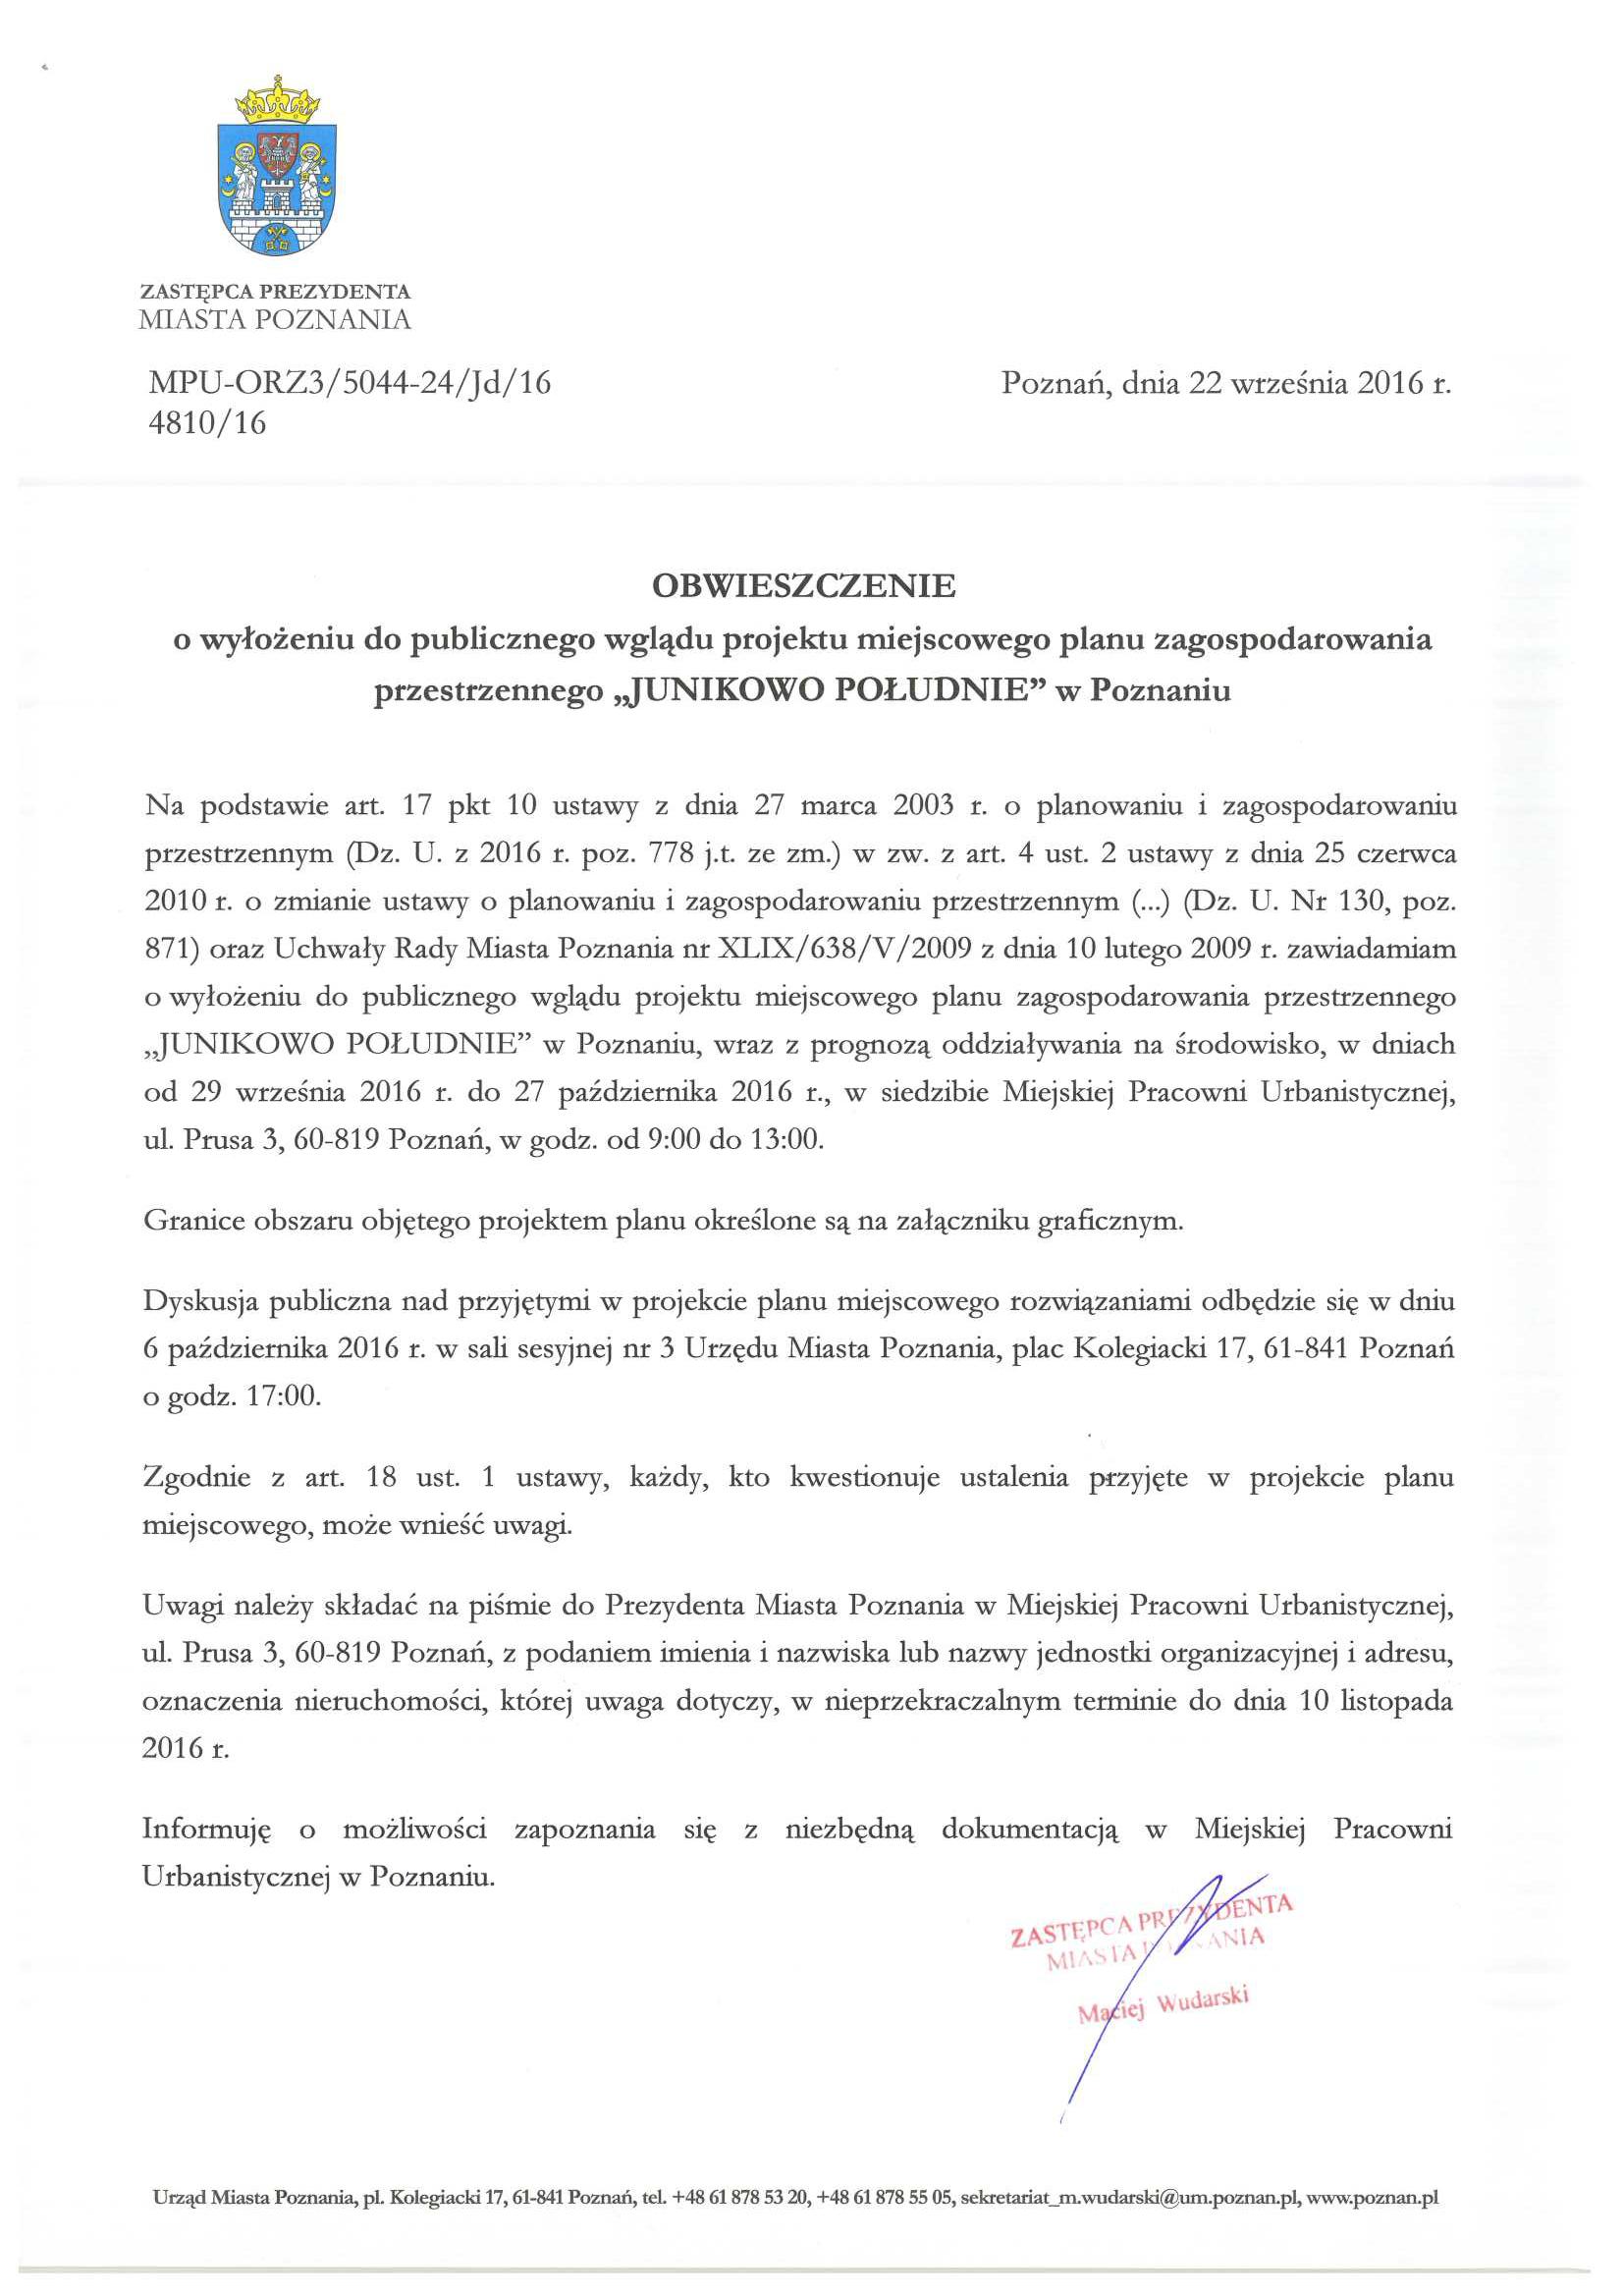 junikowo_poludnie-3